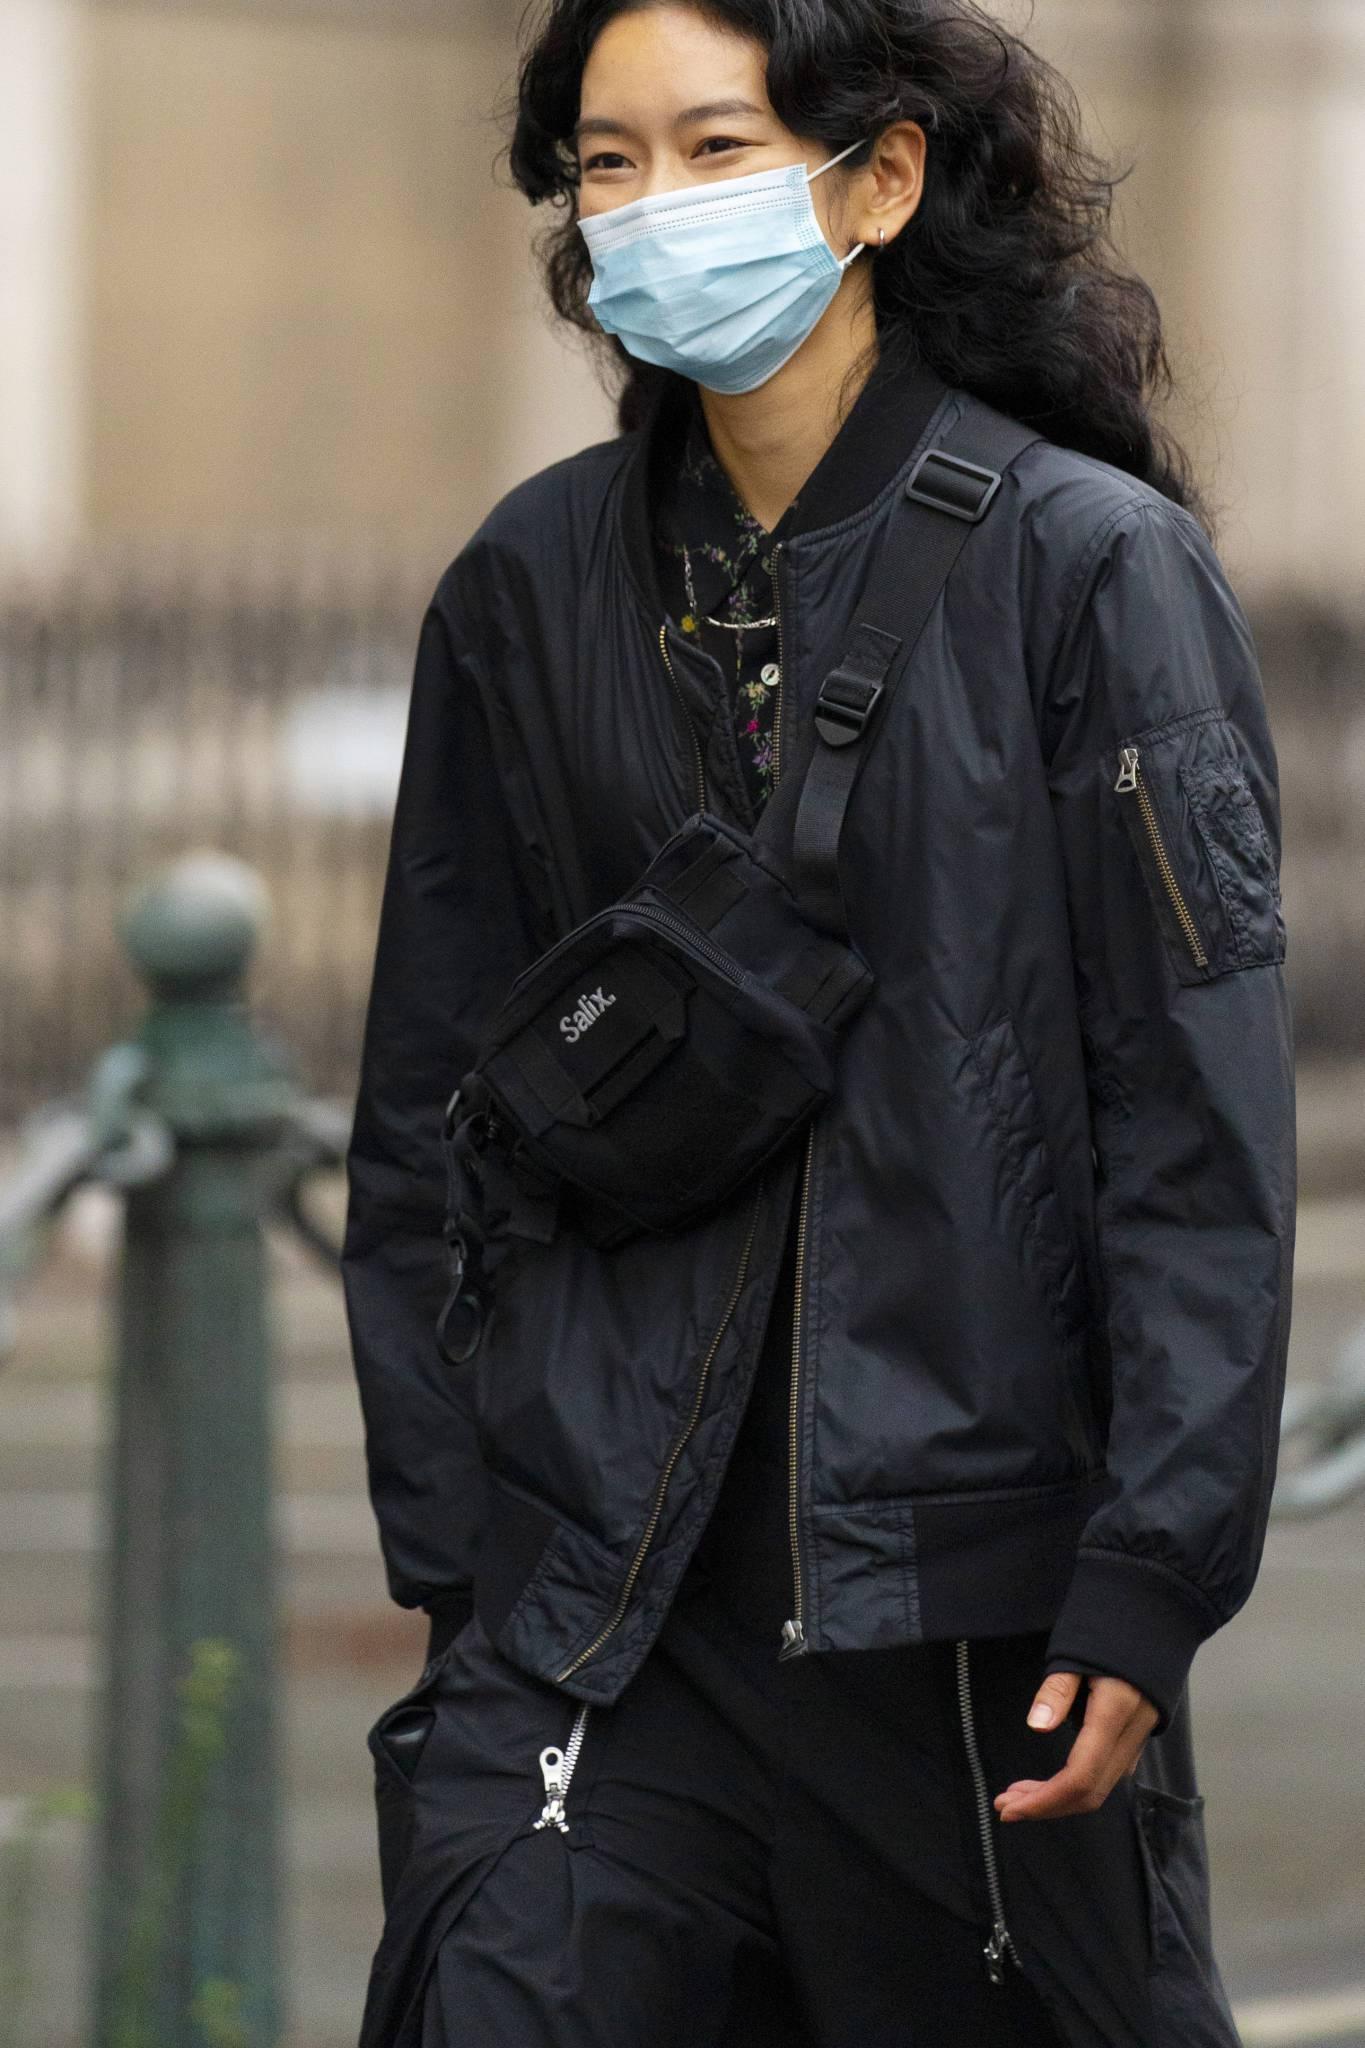 Nerka damska - stylizacje. Jak nosić saszetkę typu nerka?